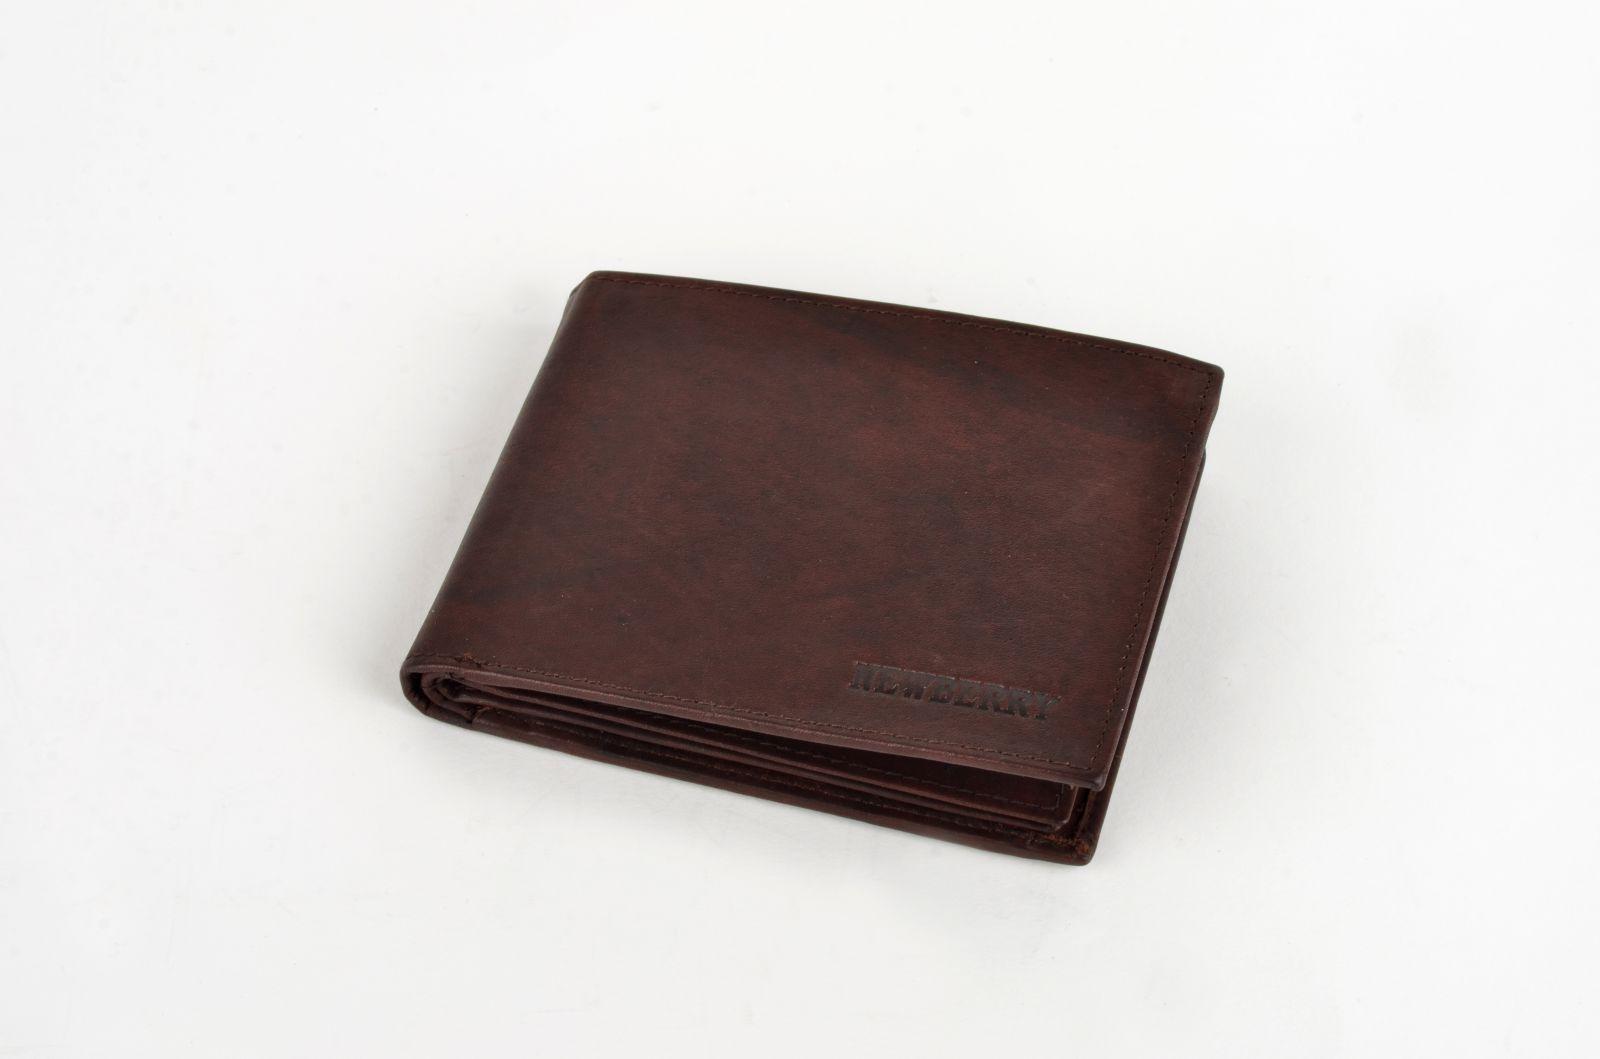 Pánská peněženka z vepřové kůže New Berry 877 hnědá